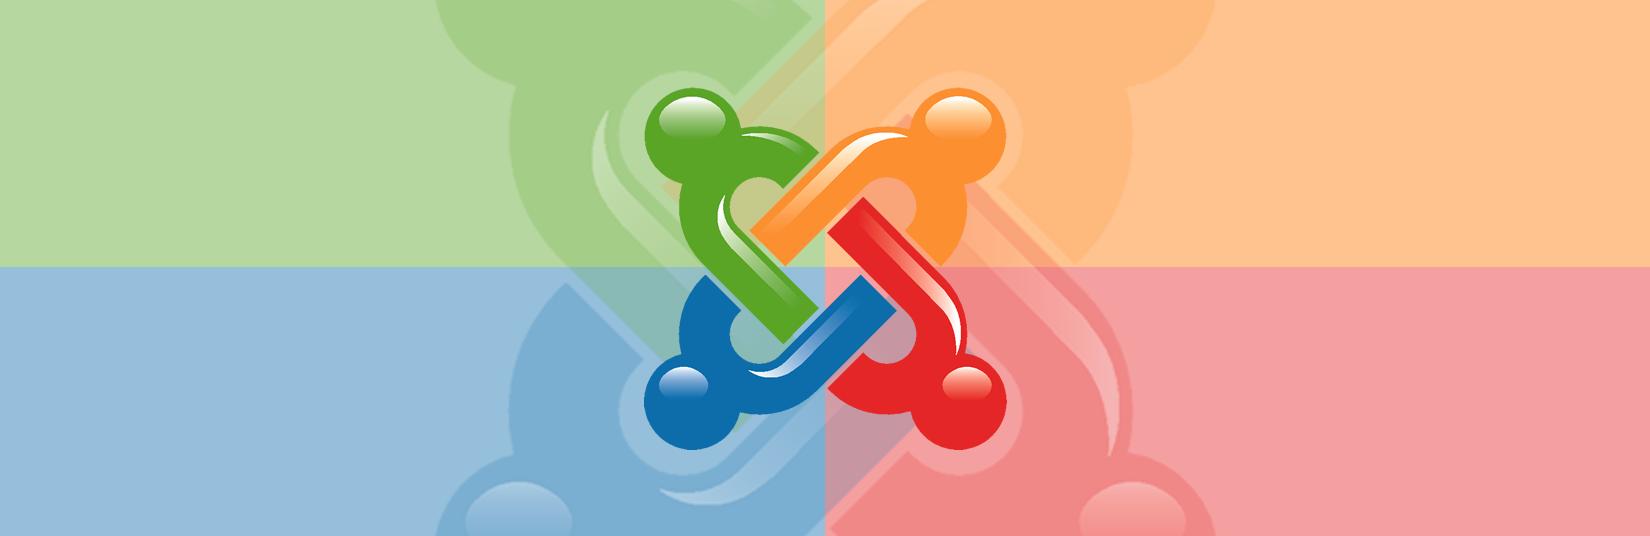 Joomla Customisation